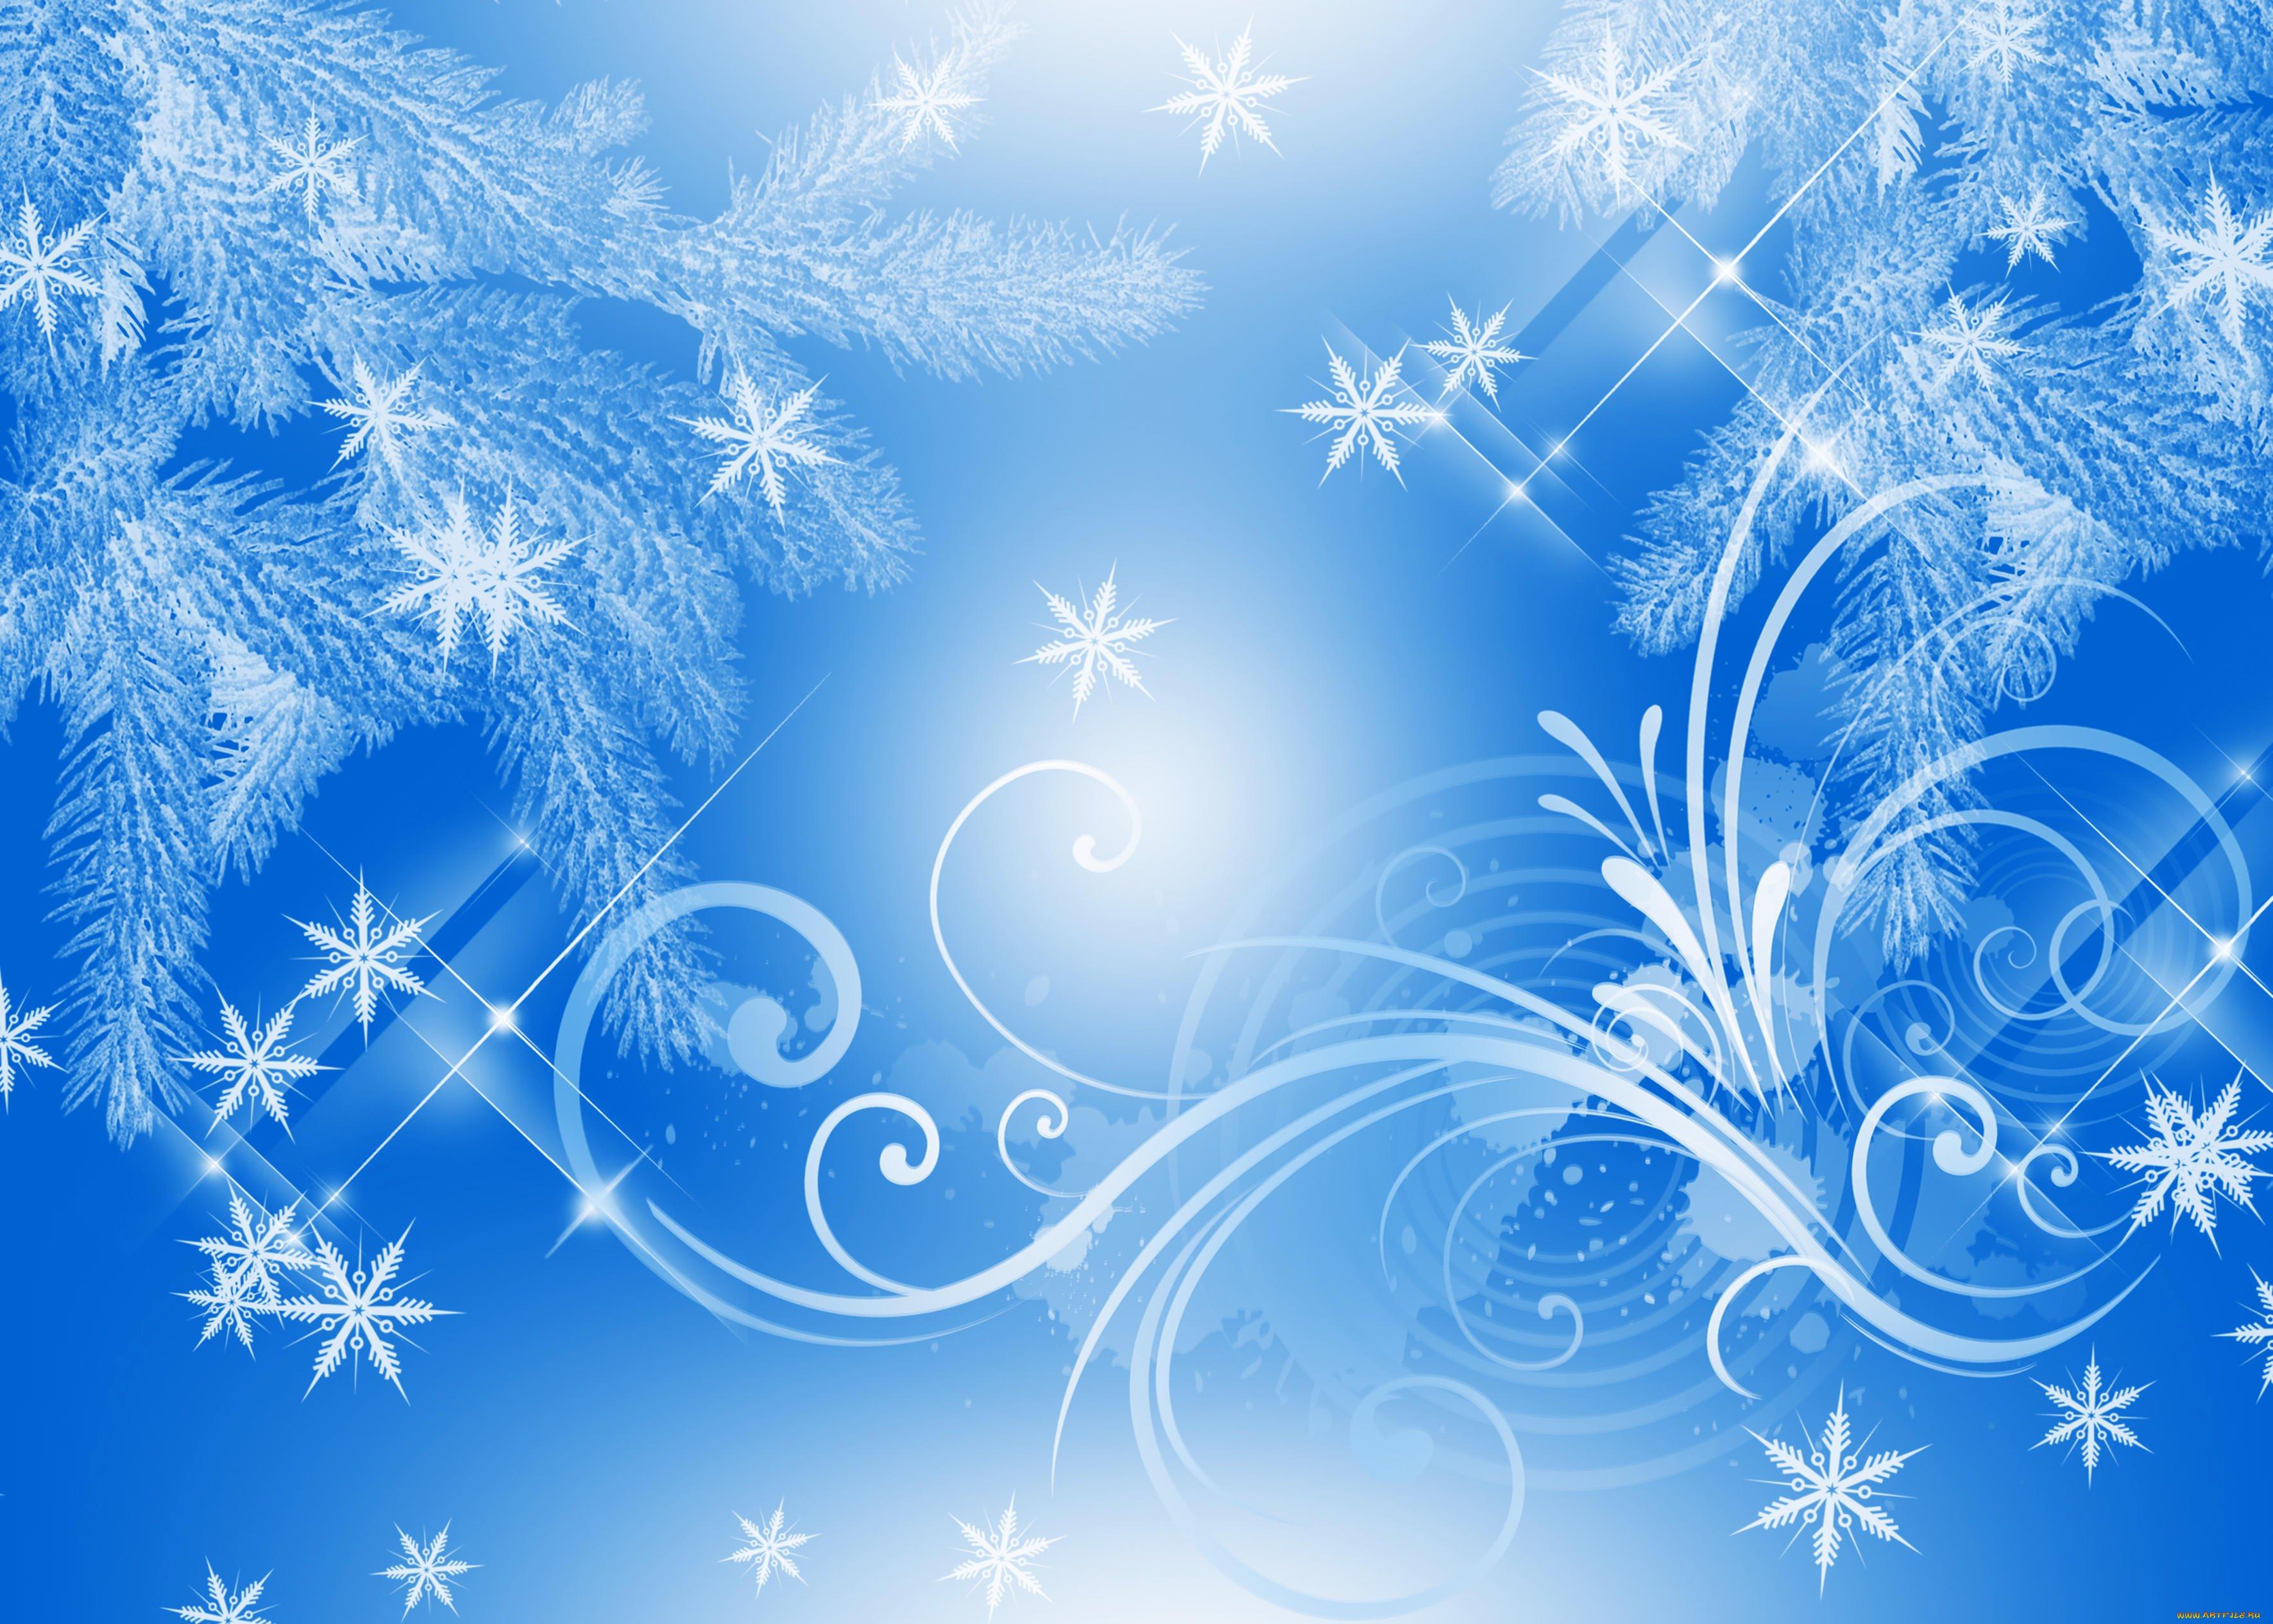 картинки зима фон для презентации для тех